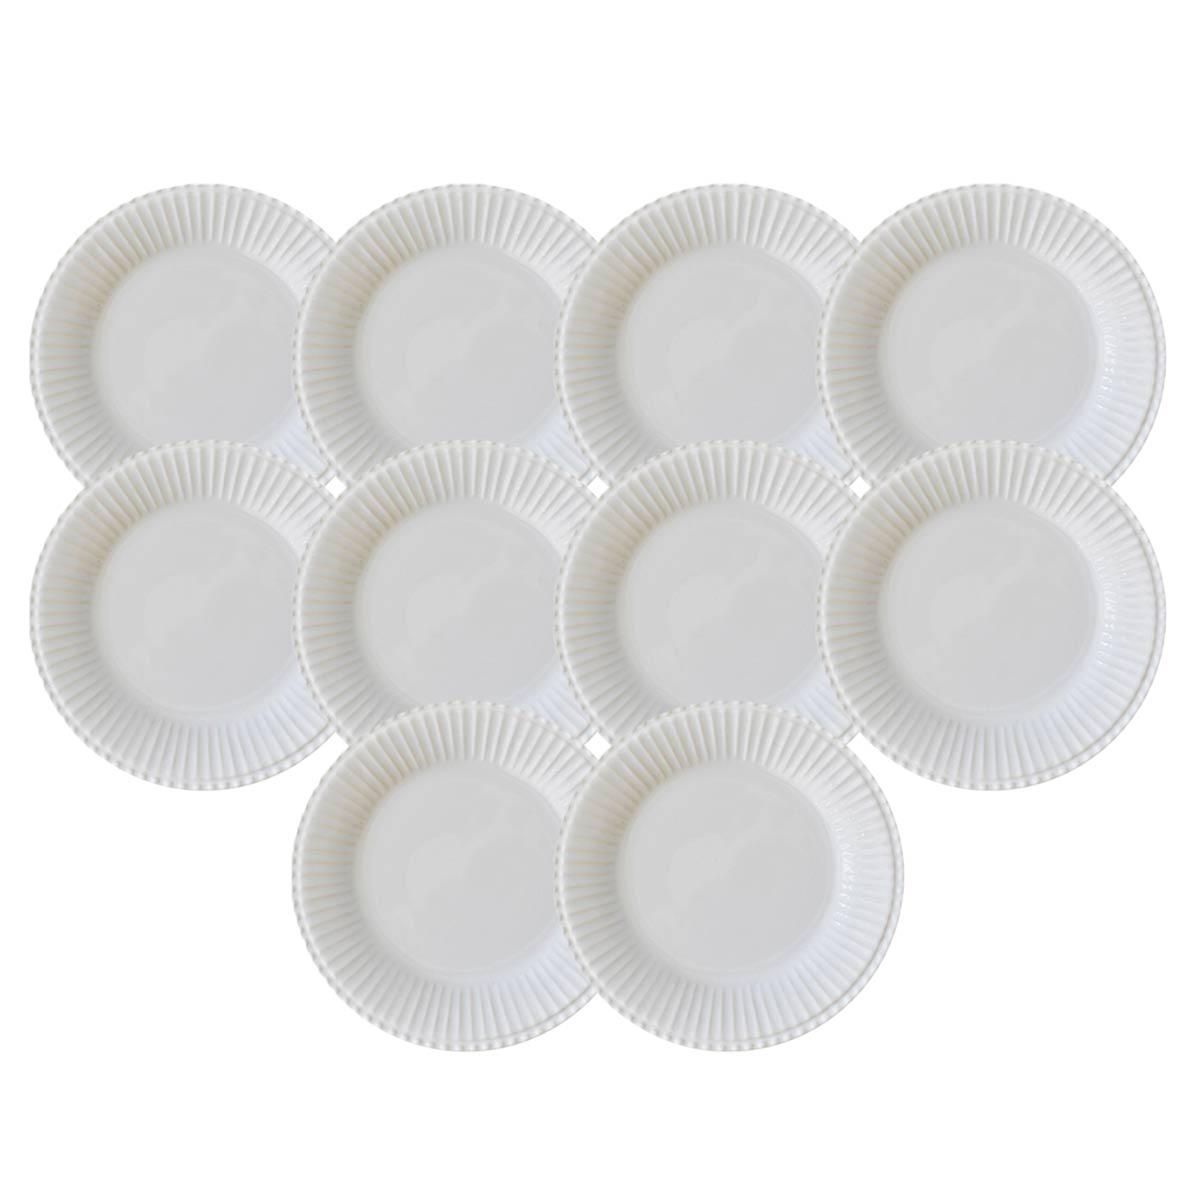 Kit 10 Pratos de Sobremesa Frisada Branco 1º Linha  - Lemis